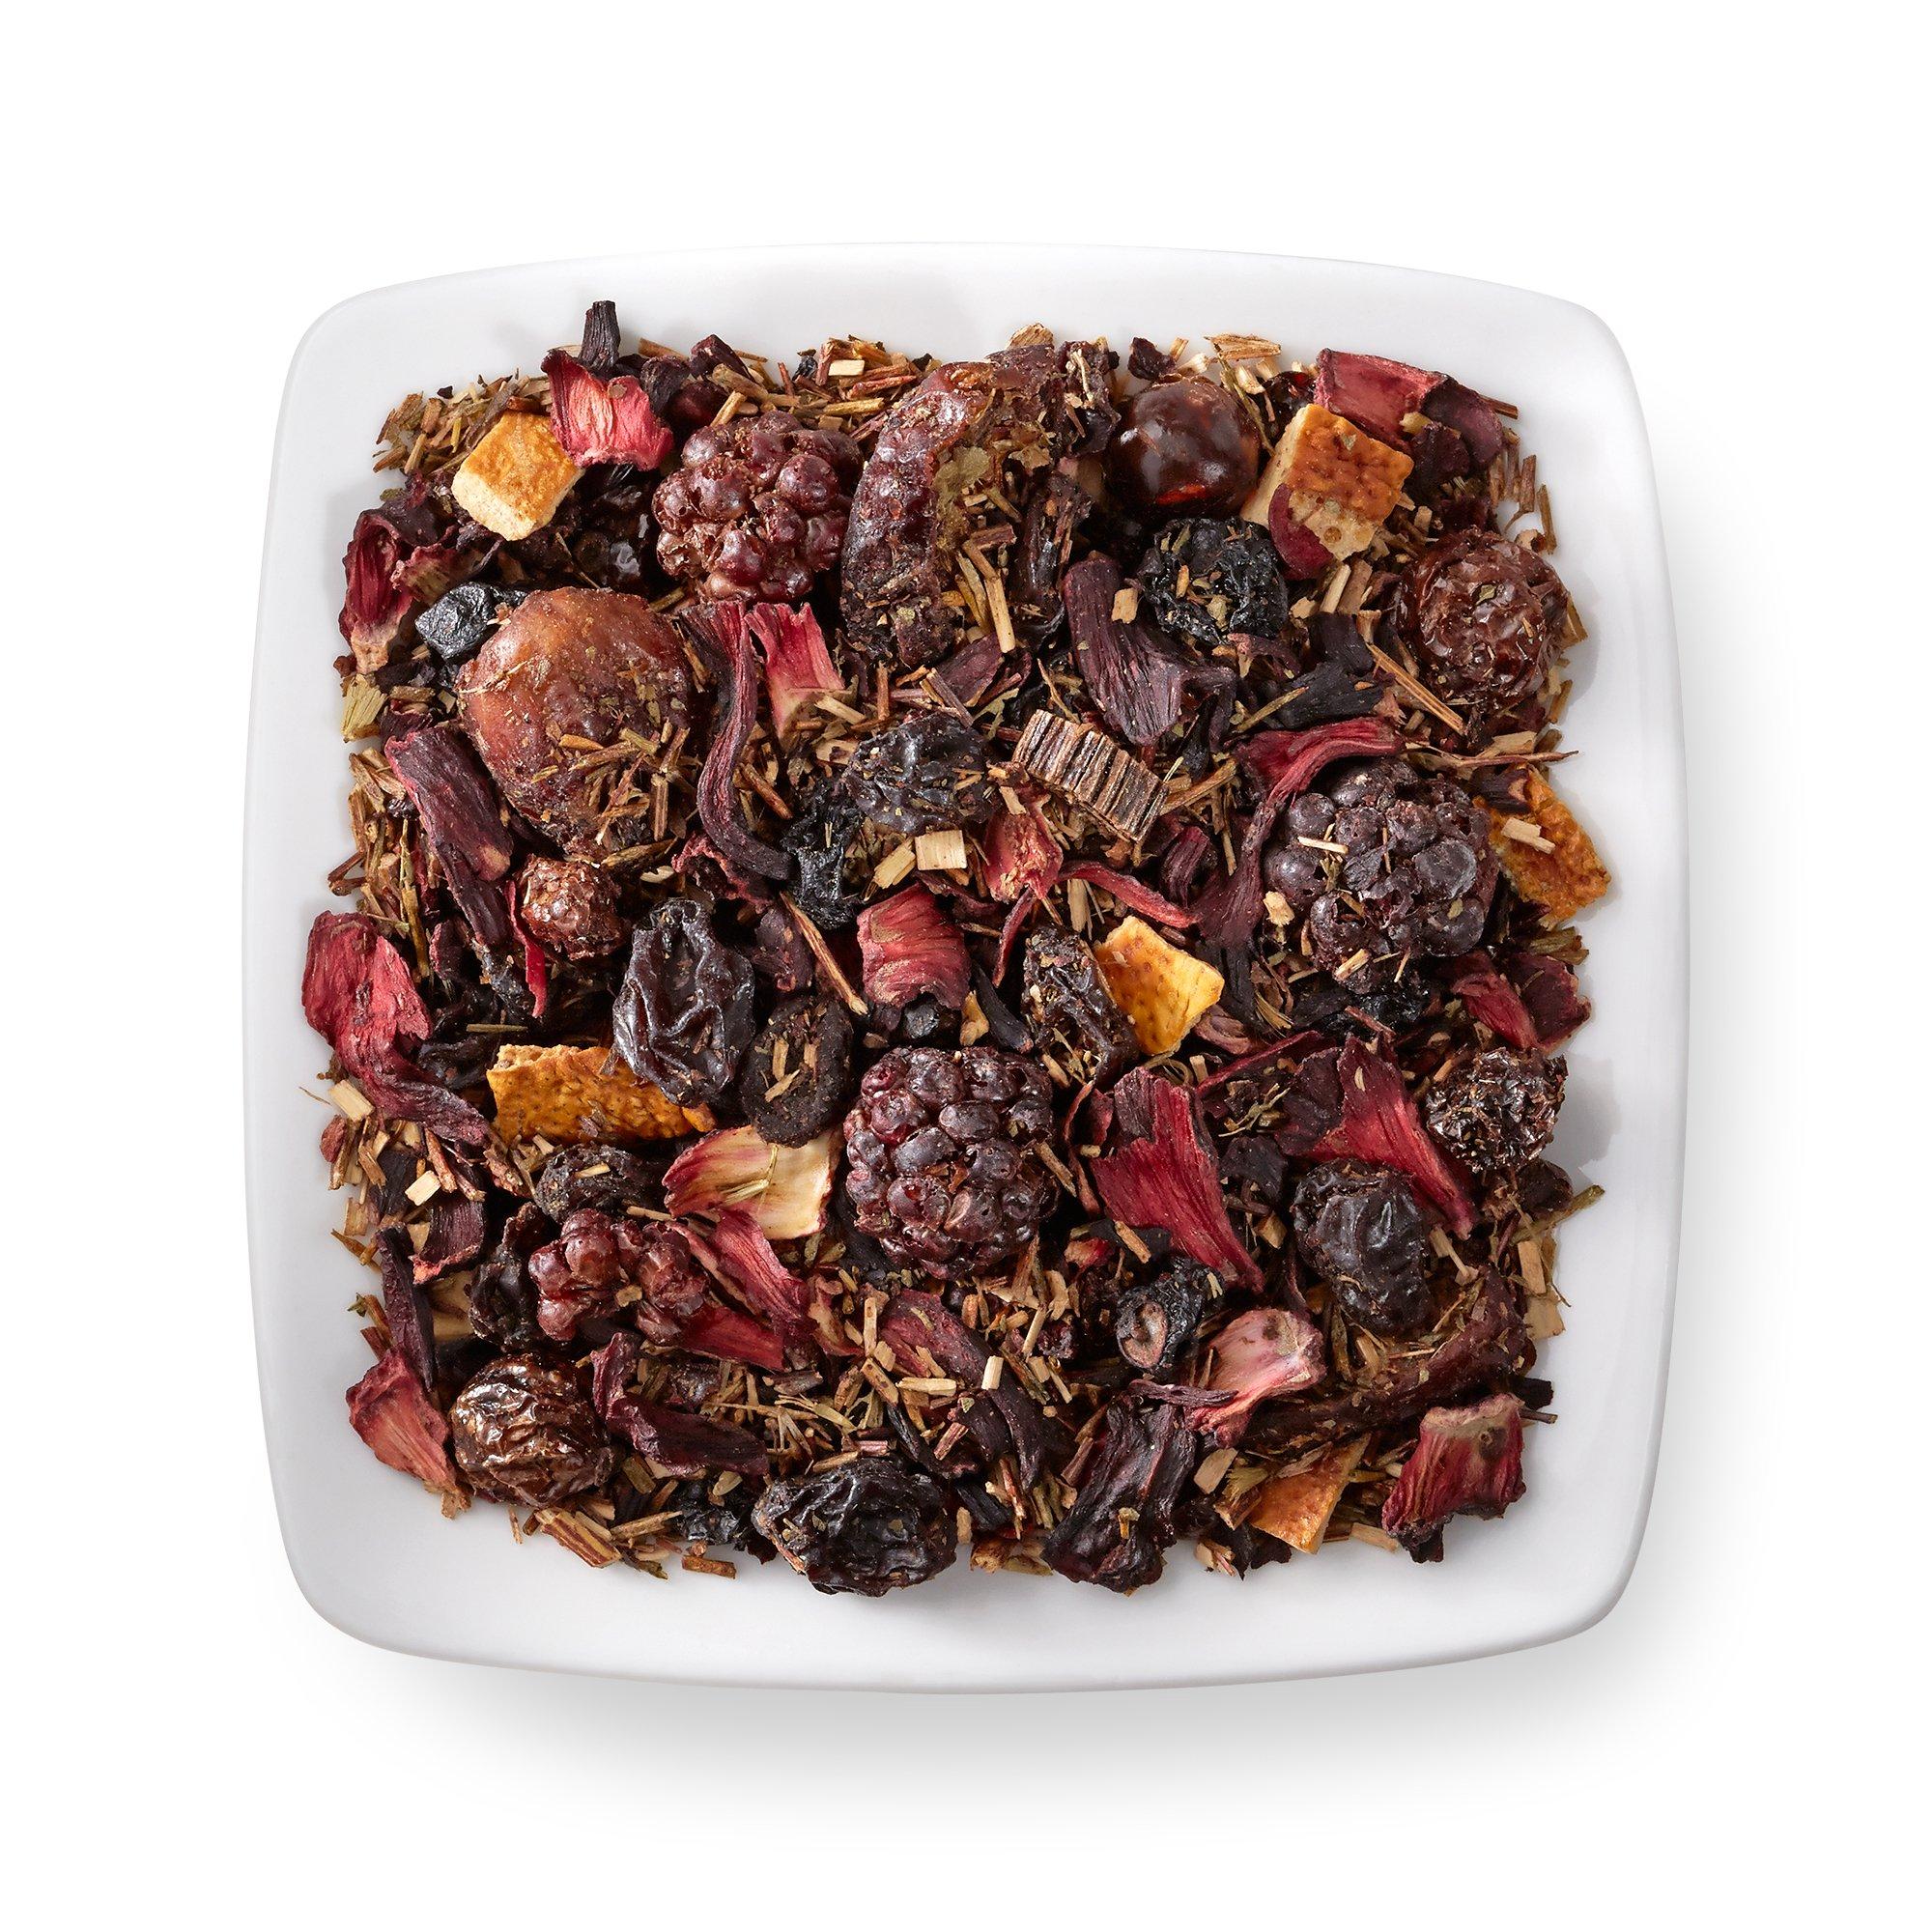 Teavana Opus Rouge Loose-Leaf Rooibos Tea, 2oz by Teavana (Image #1)